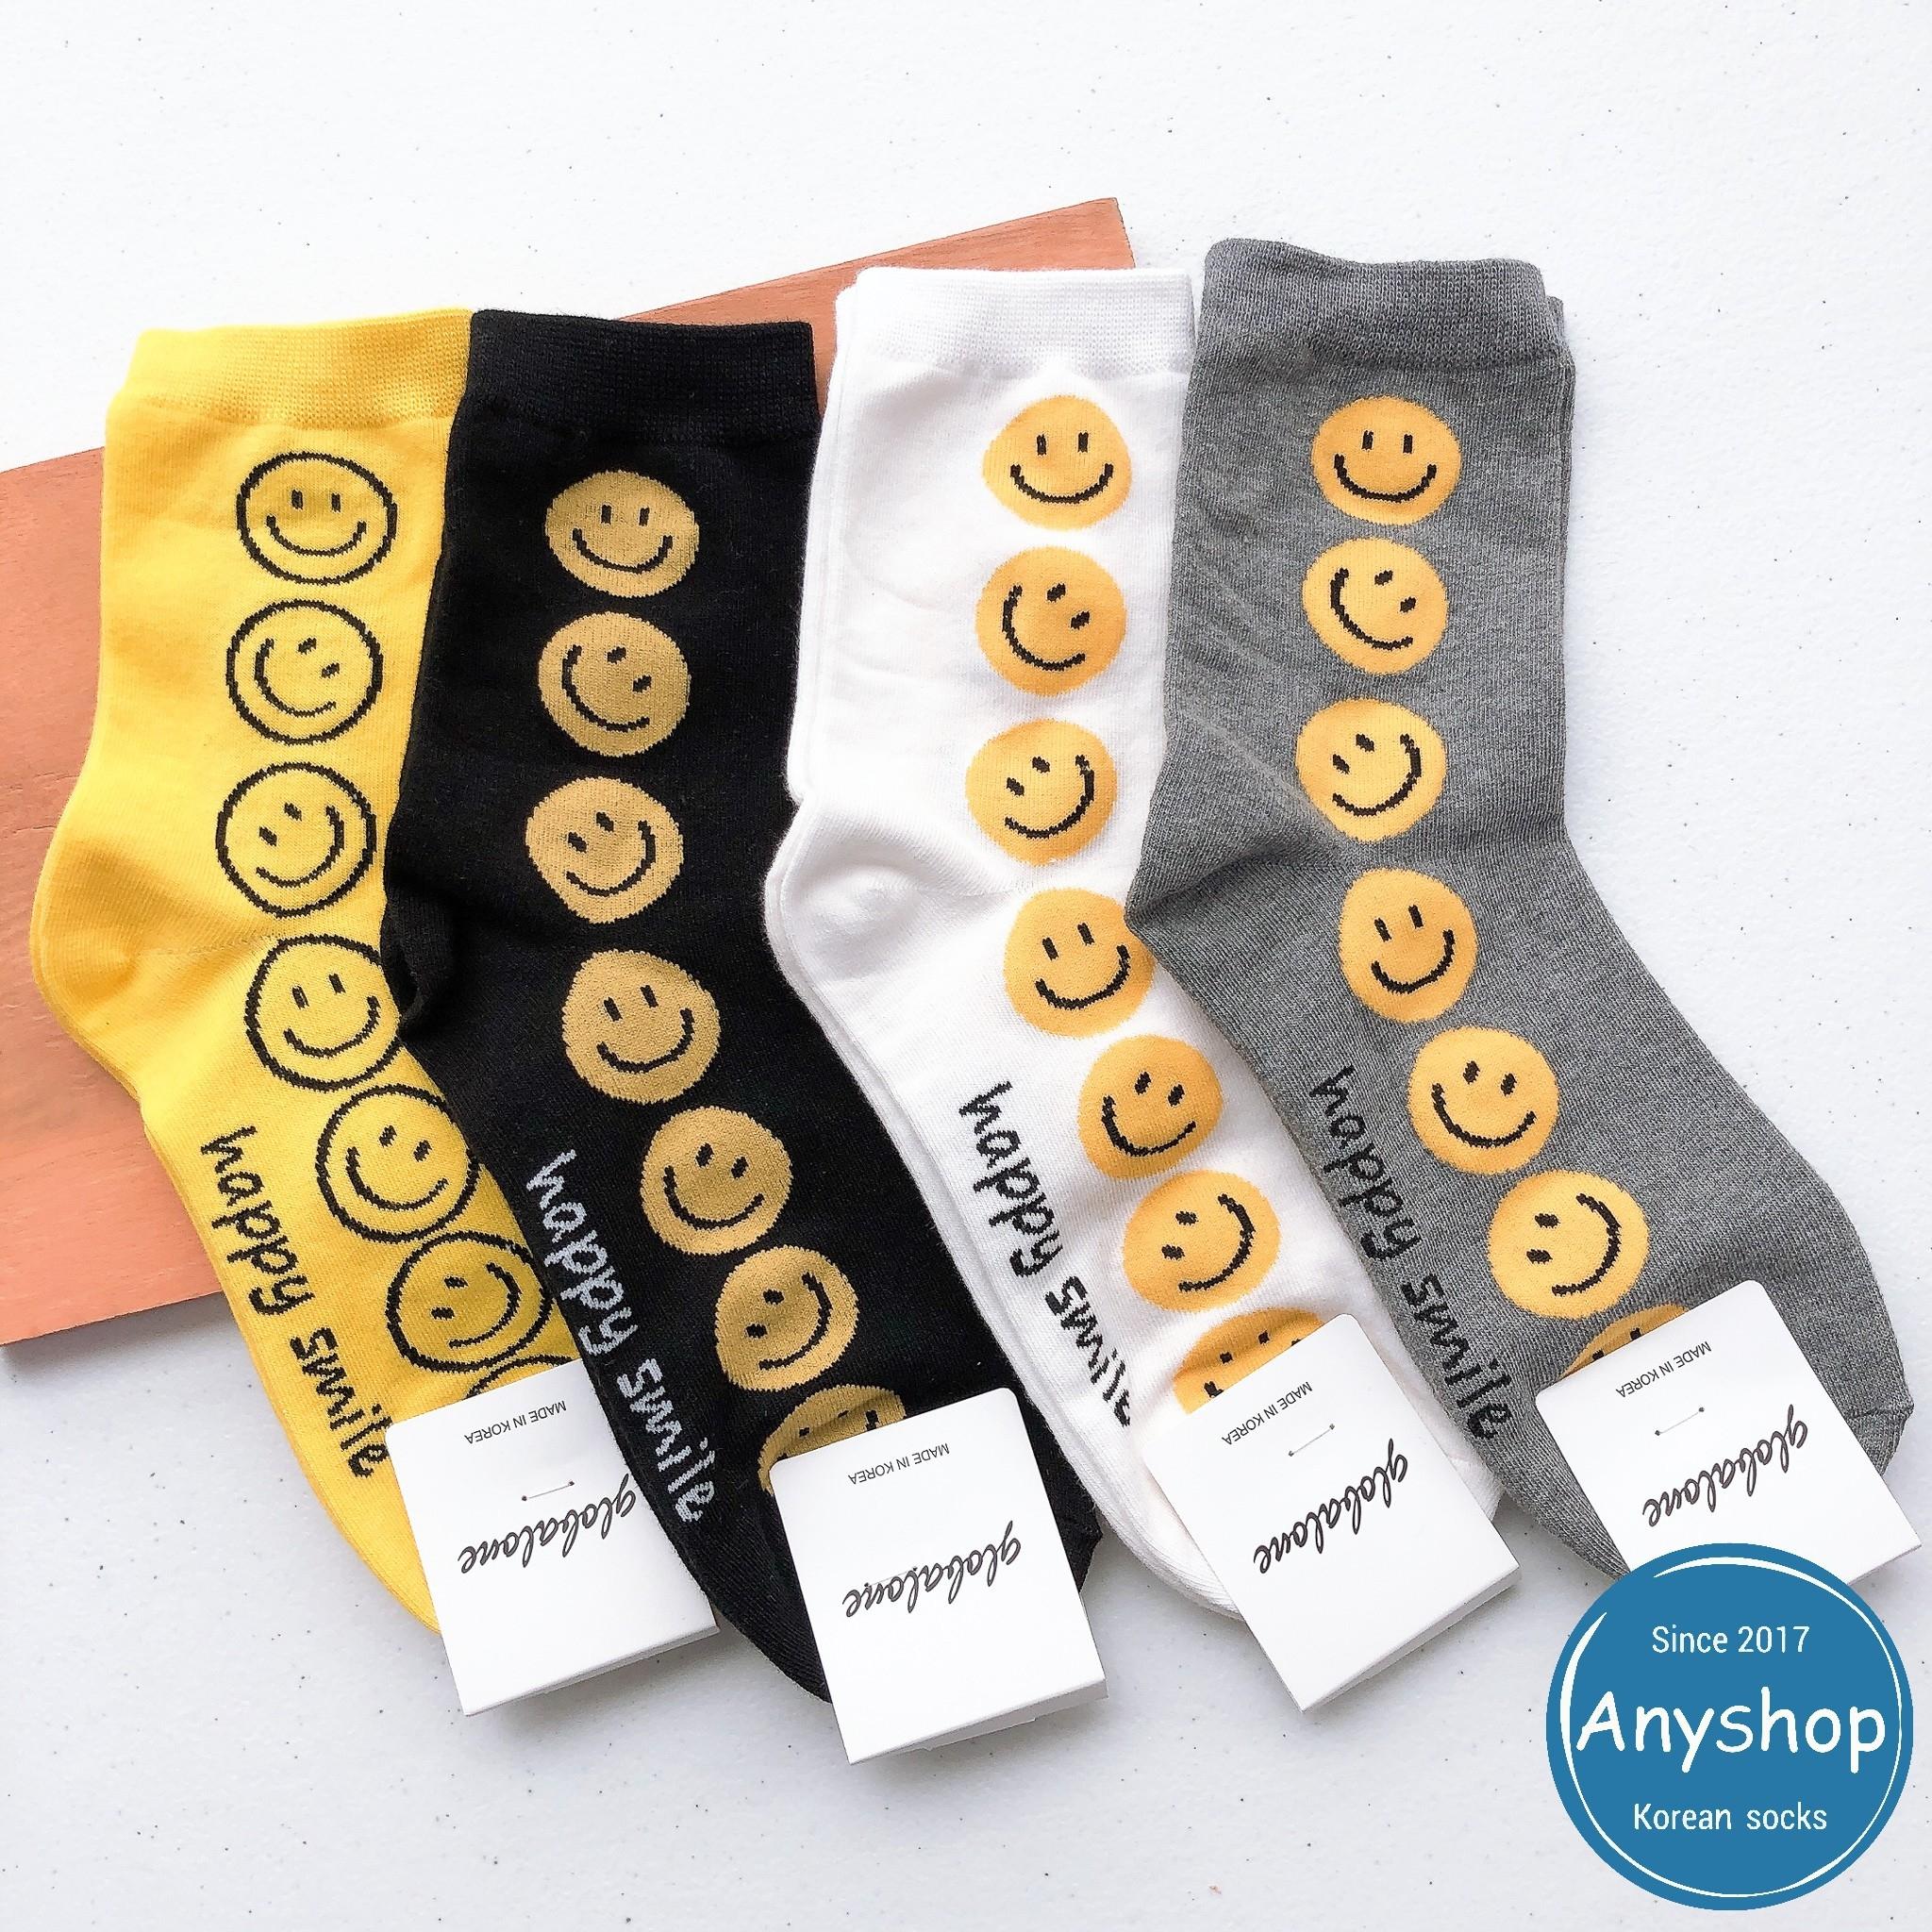 韓國襪-[Anyshop]大膽色笑臉長襪